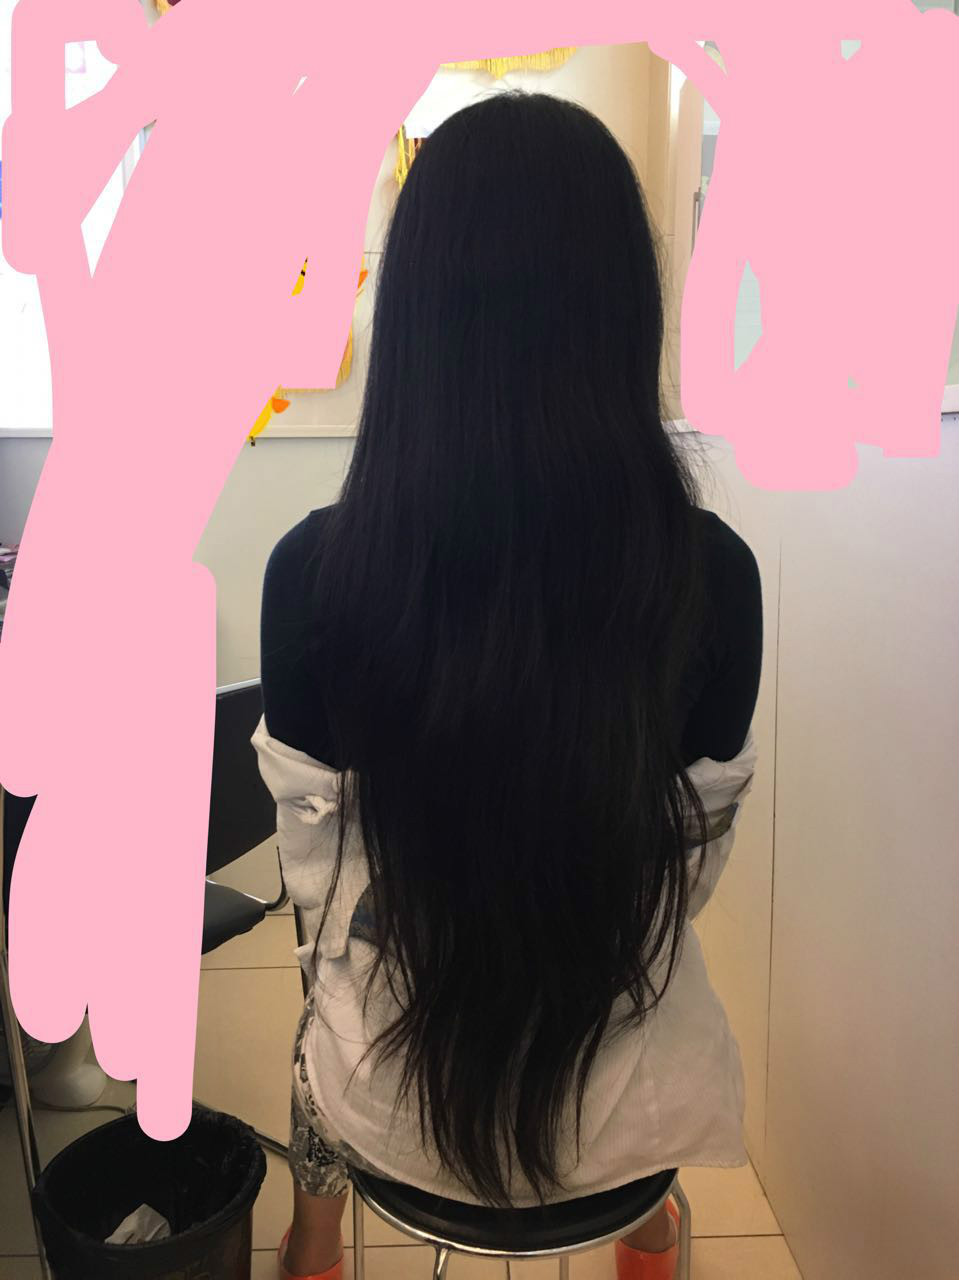 哪里回收长头发? 本人头发及腰,黑色,无染烫.头发比较图片